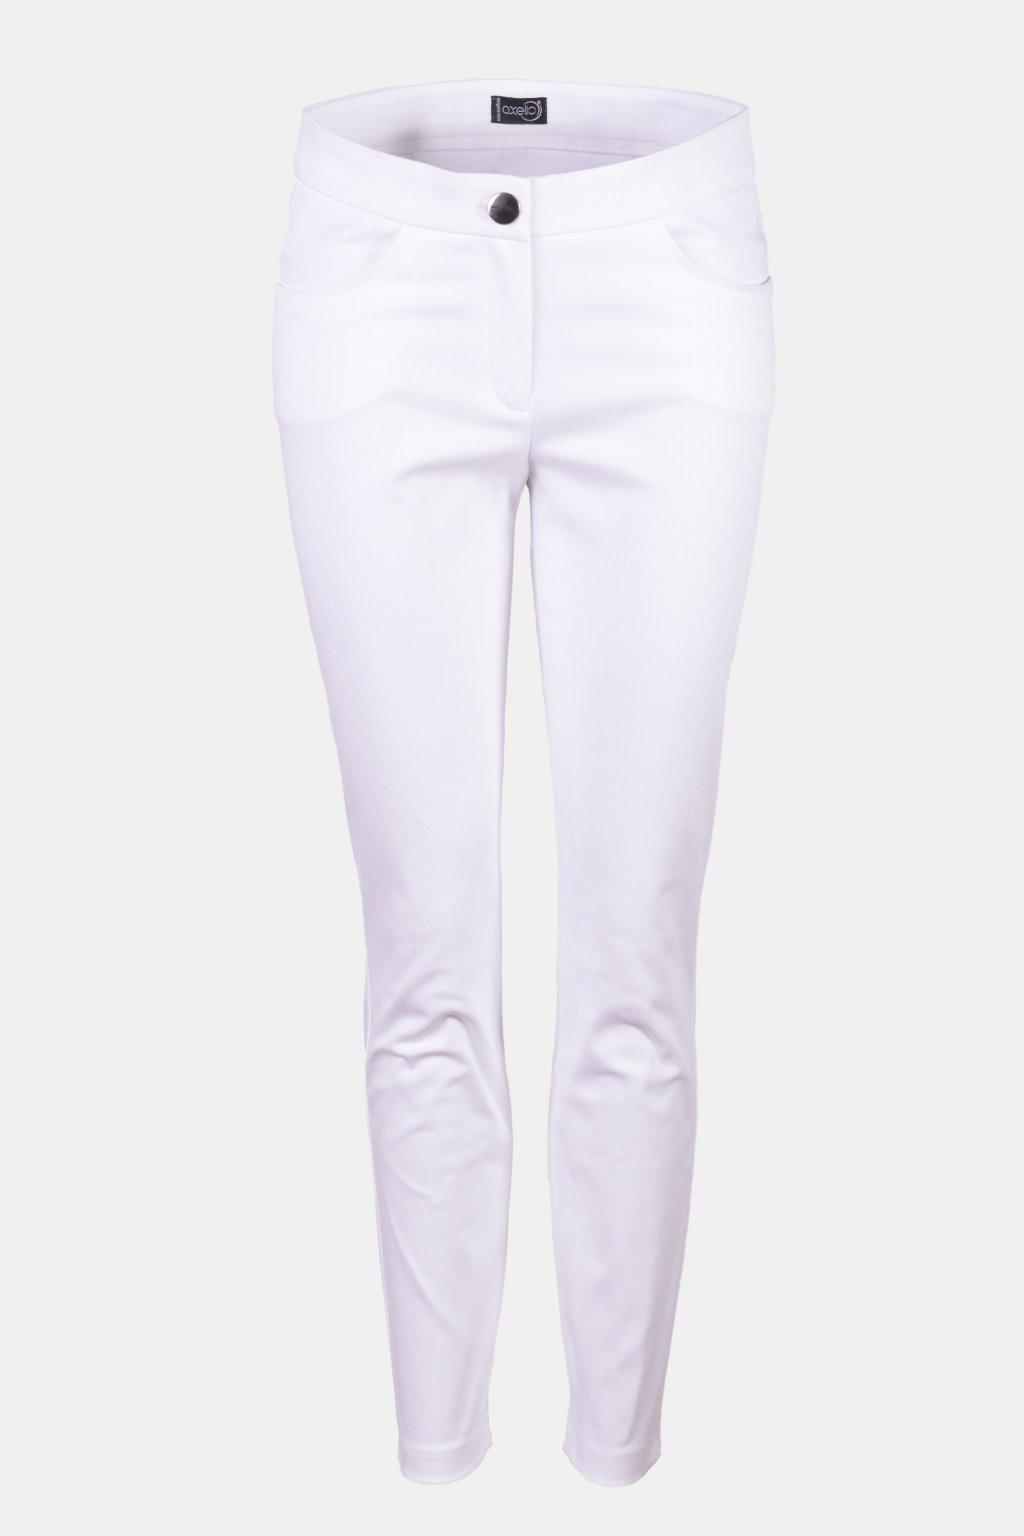 Kalhoty bílé 30068